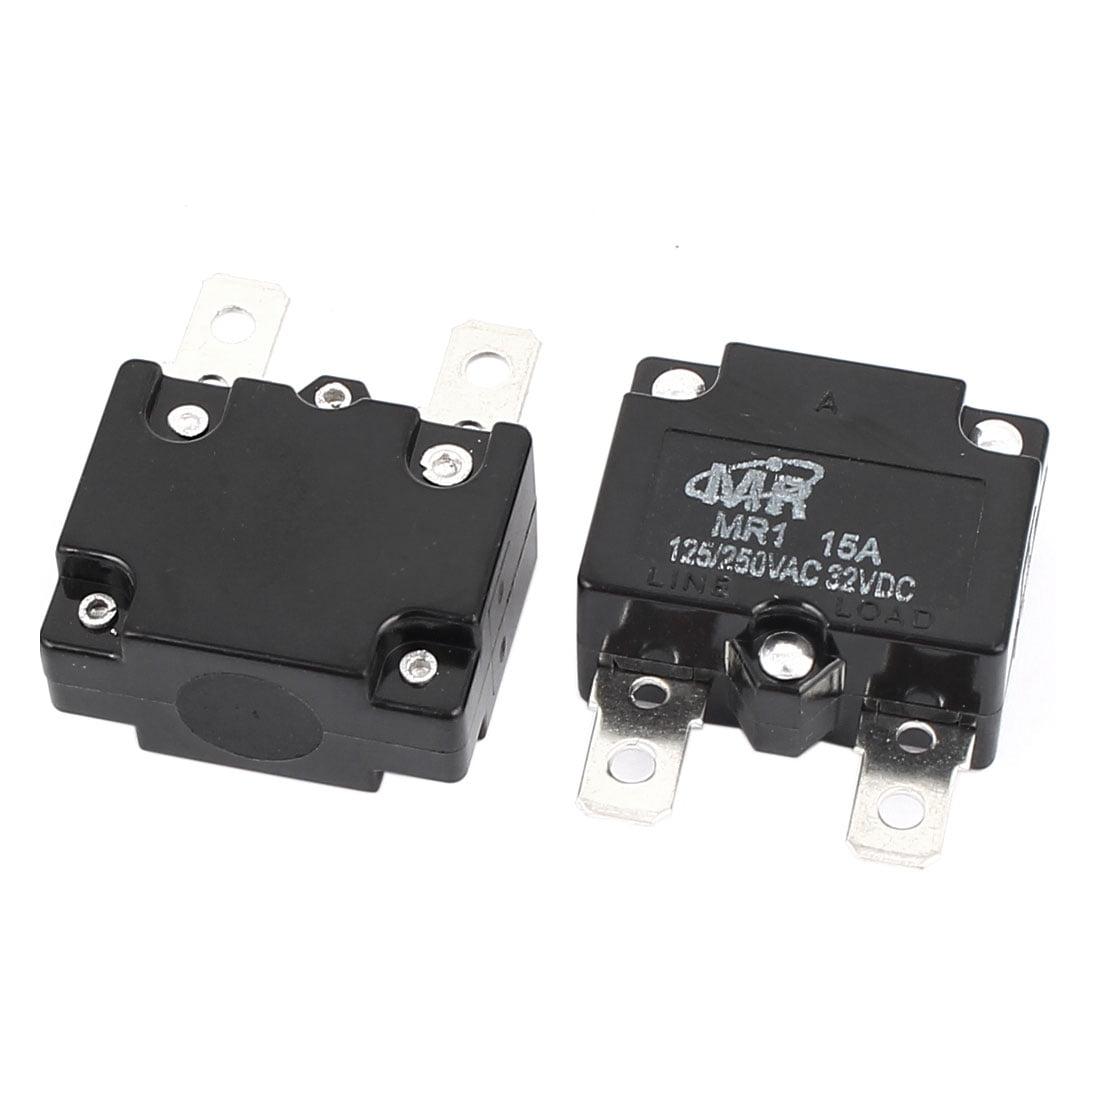 Unique Bargains  125V/250V 15A NC Automatic Reset Overload Protector Circuit Breaker 2Pcs